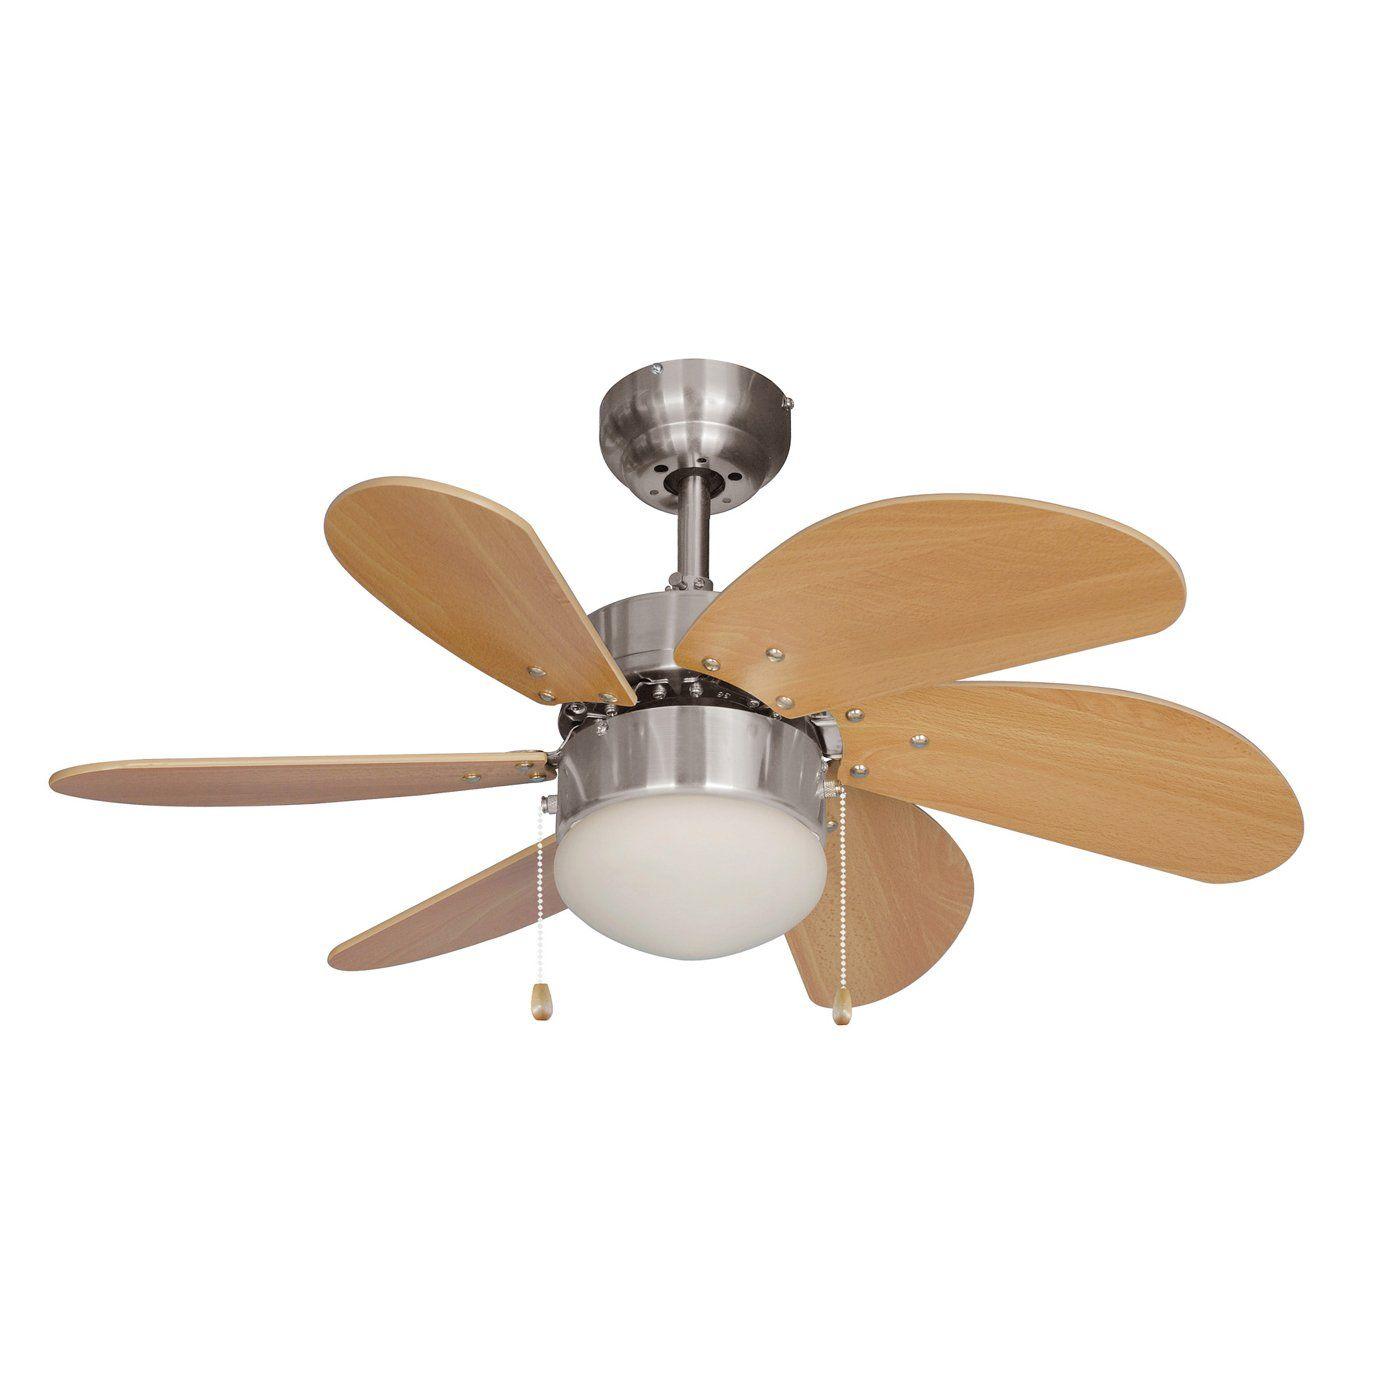 Hardware House 10 4 30in Monterey Dual Ceiling Fan $68 00 $74 00